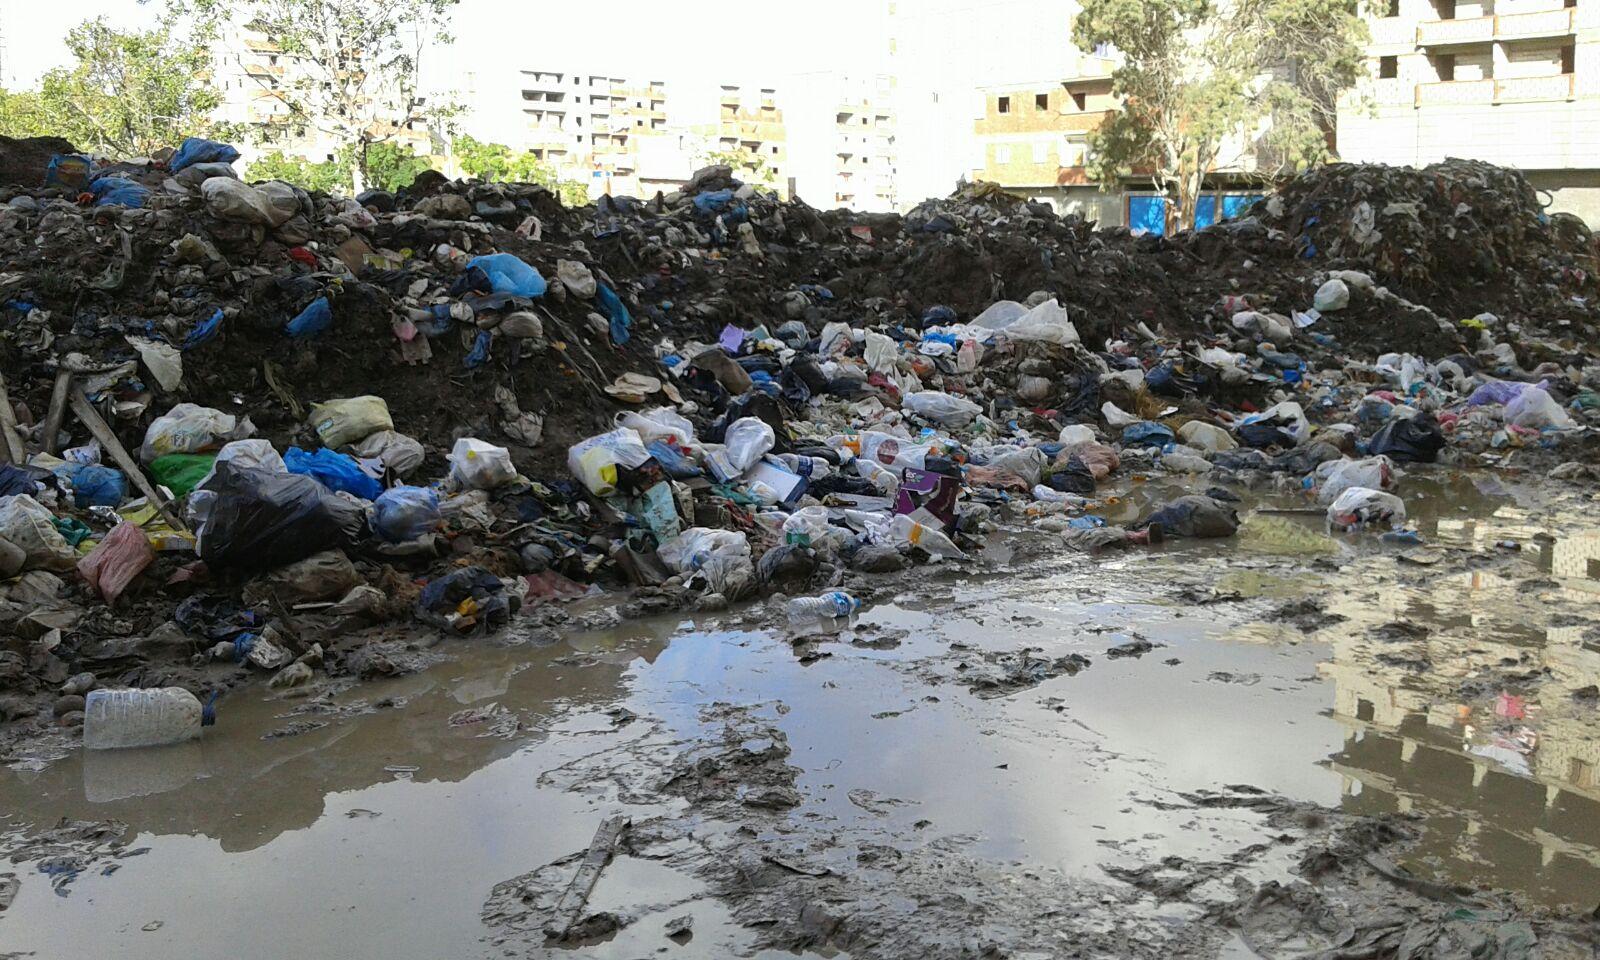 انتشار القمامة والصرف الصحي بشوارع منطقة المراغي بالإسكندرية